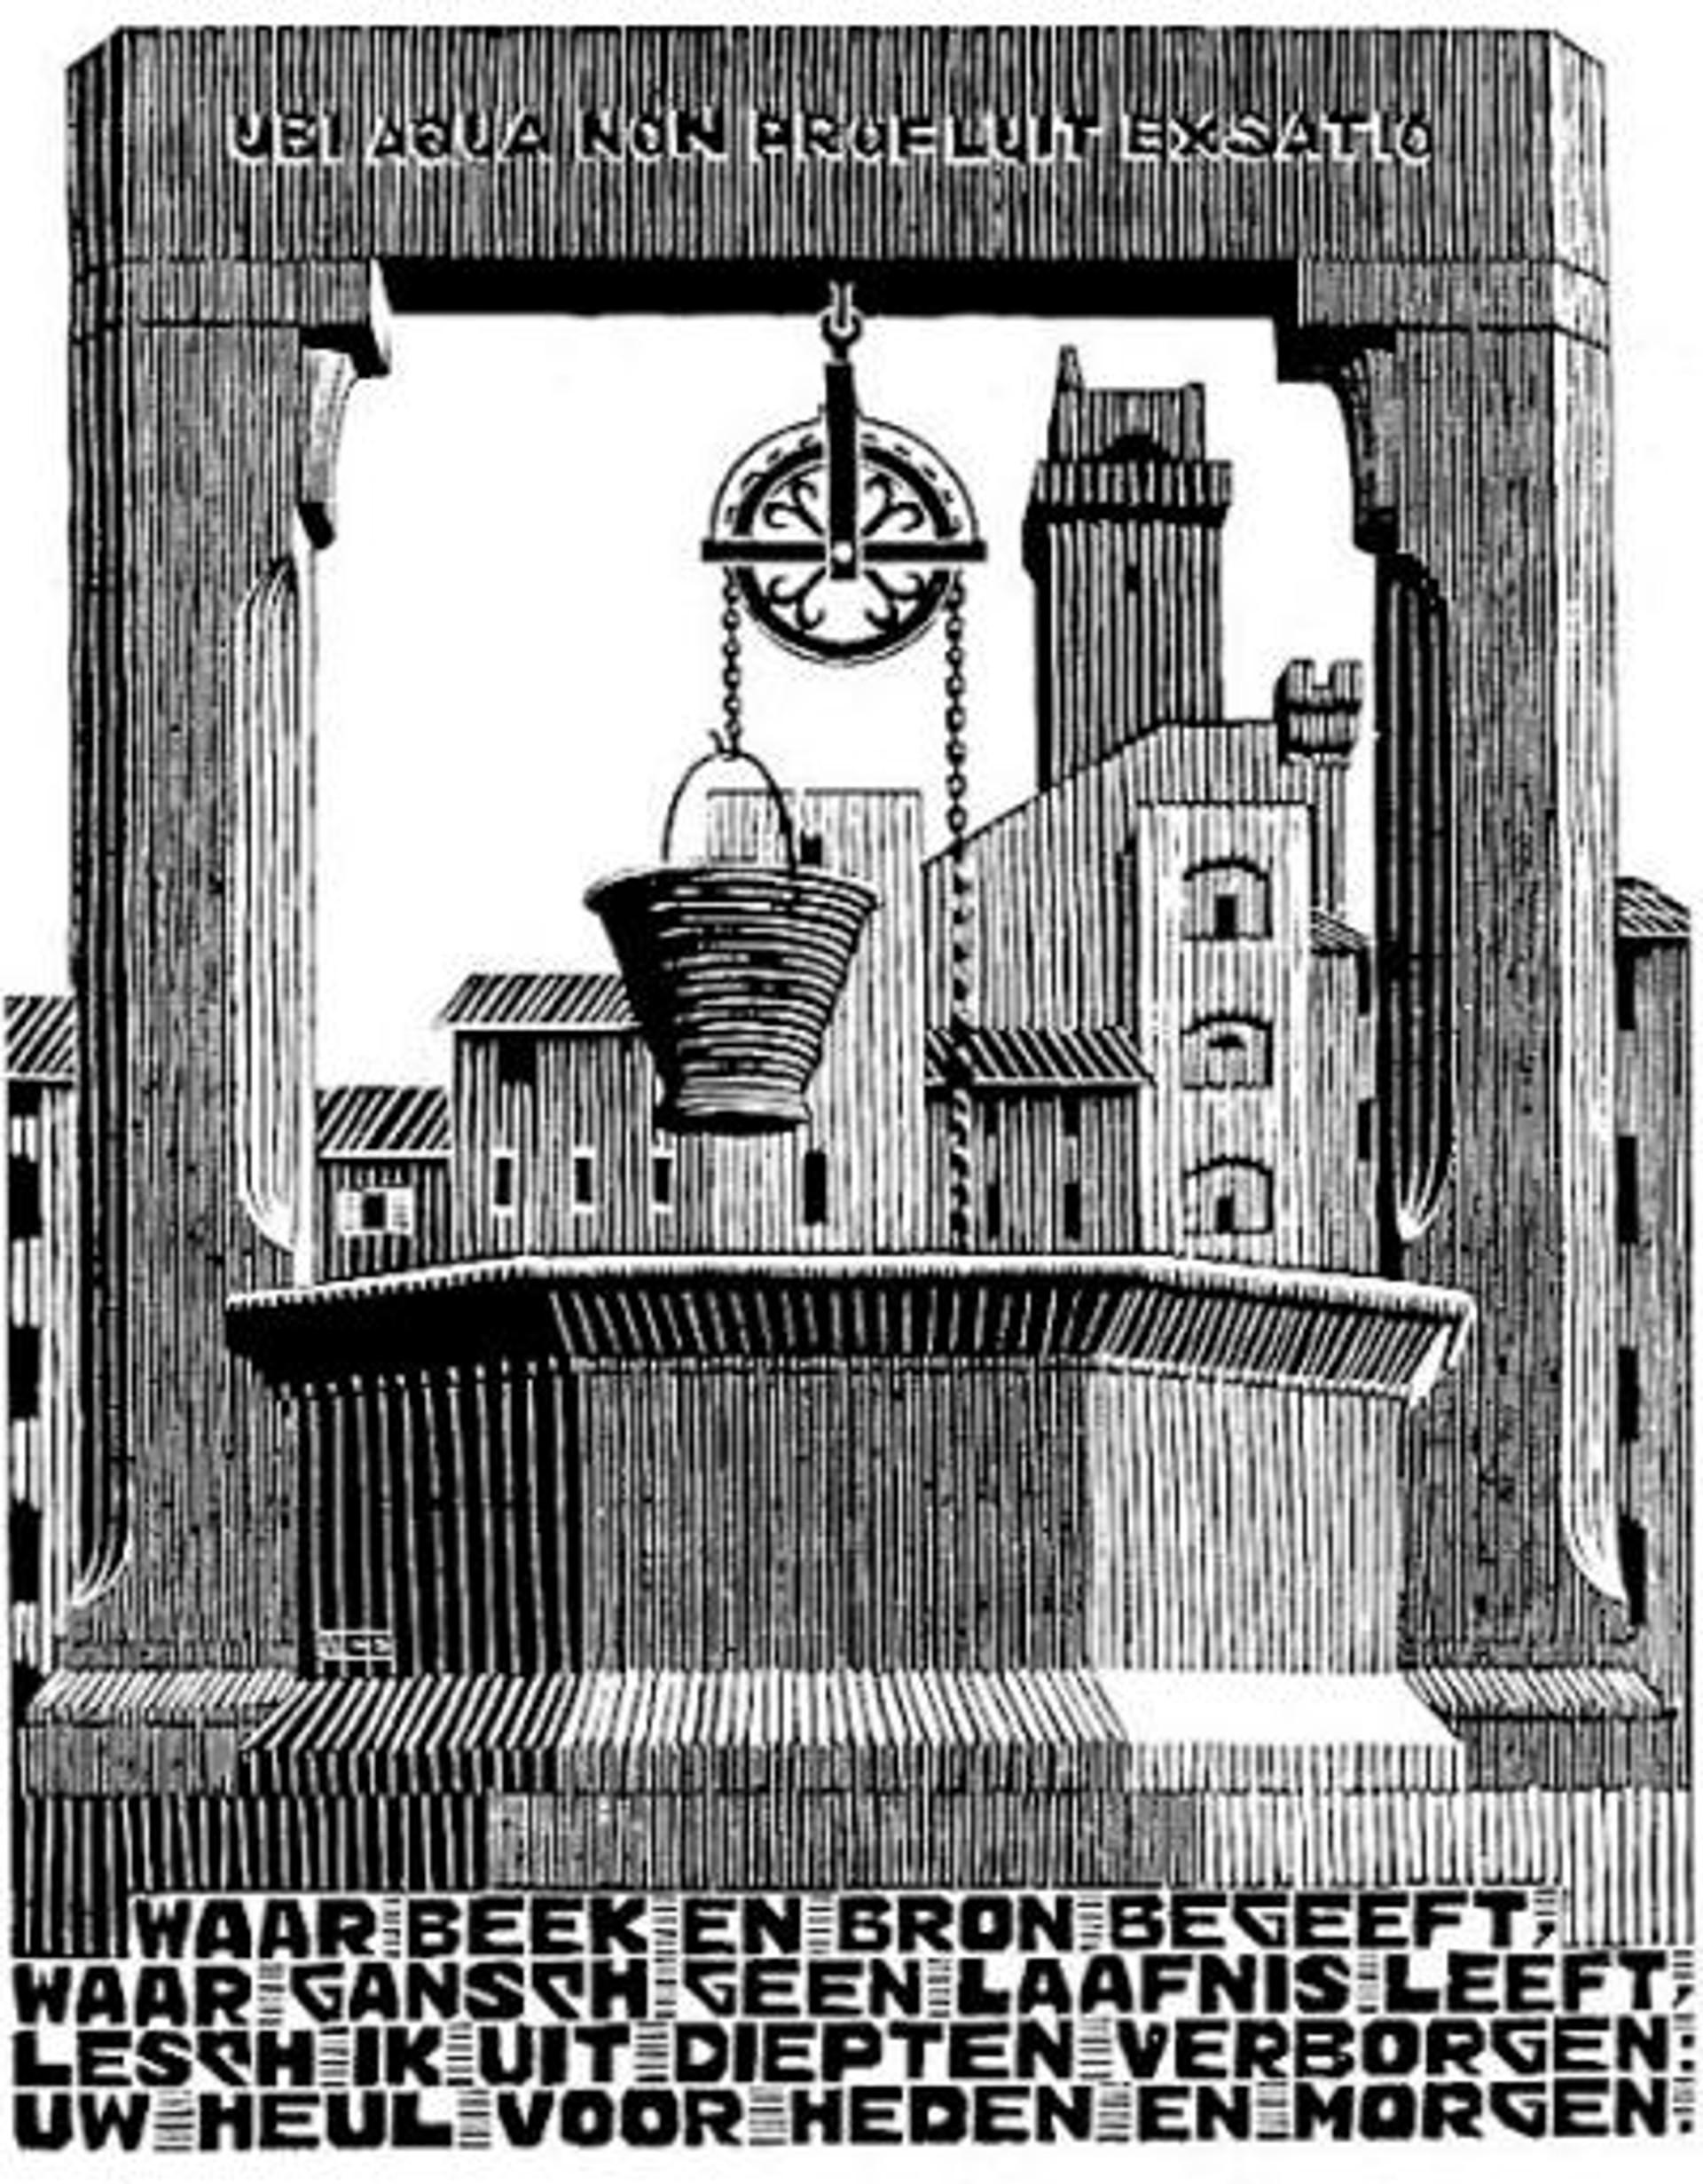 Emblemata - Well by M.C. Escher